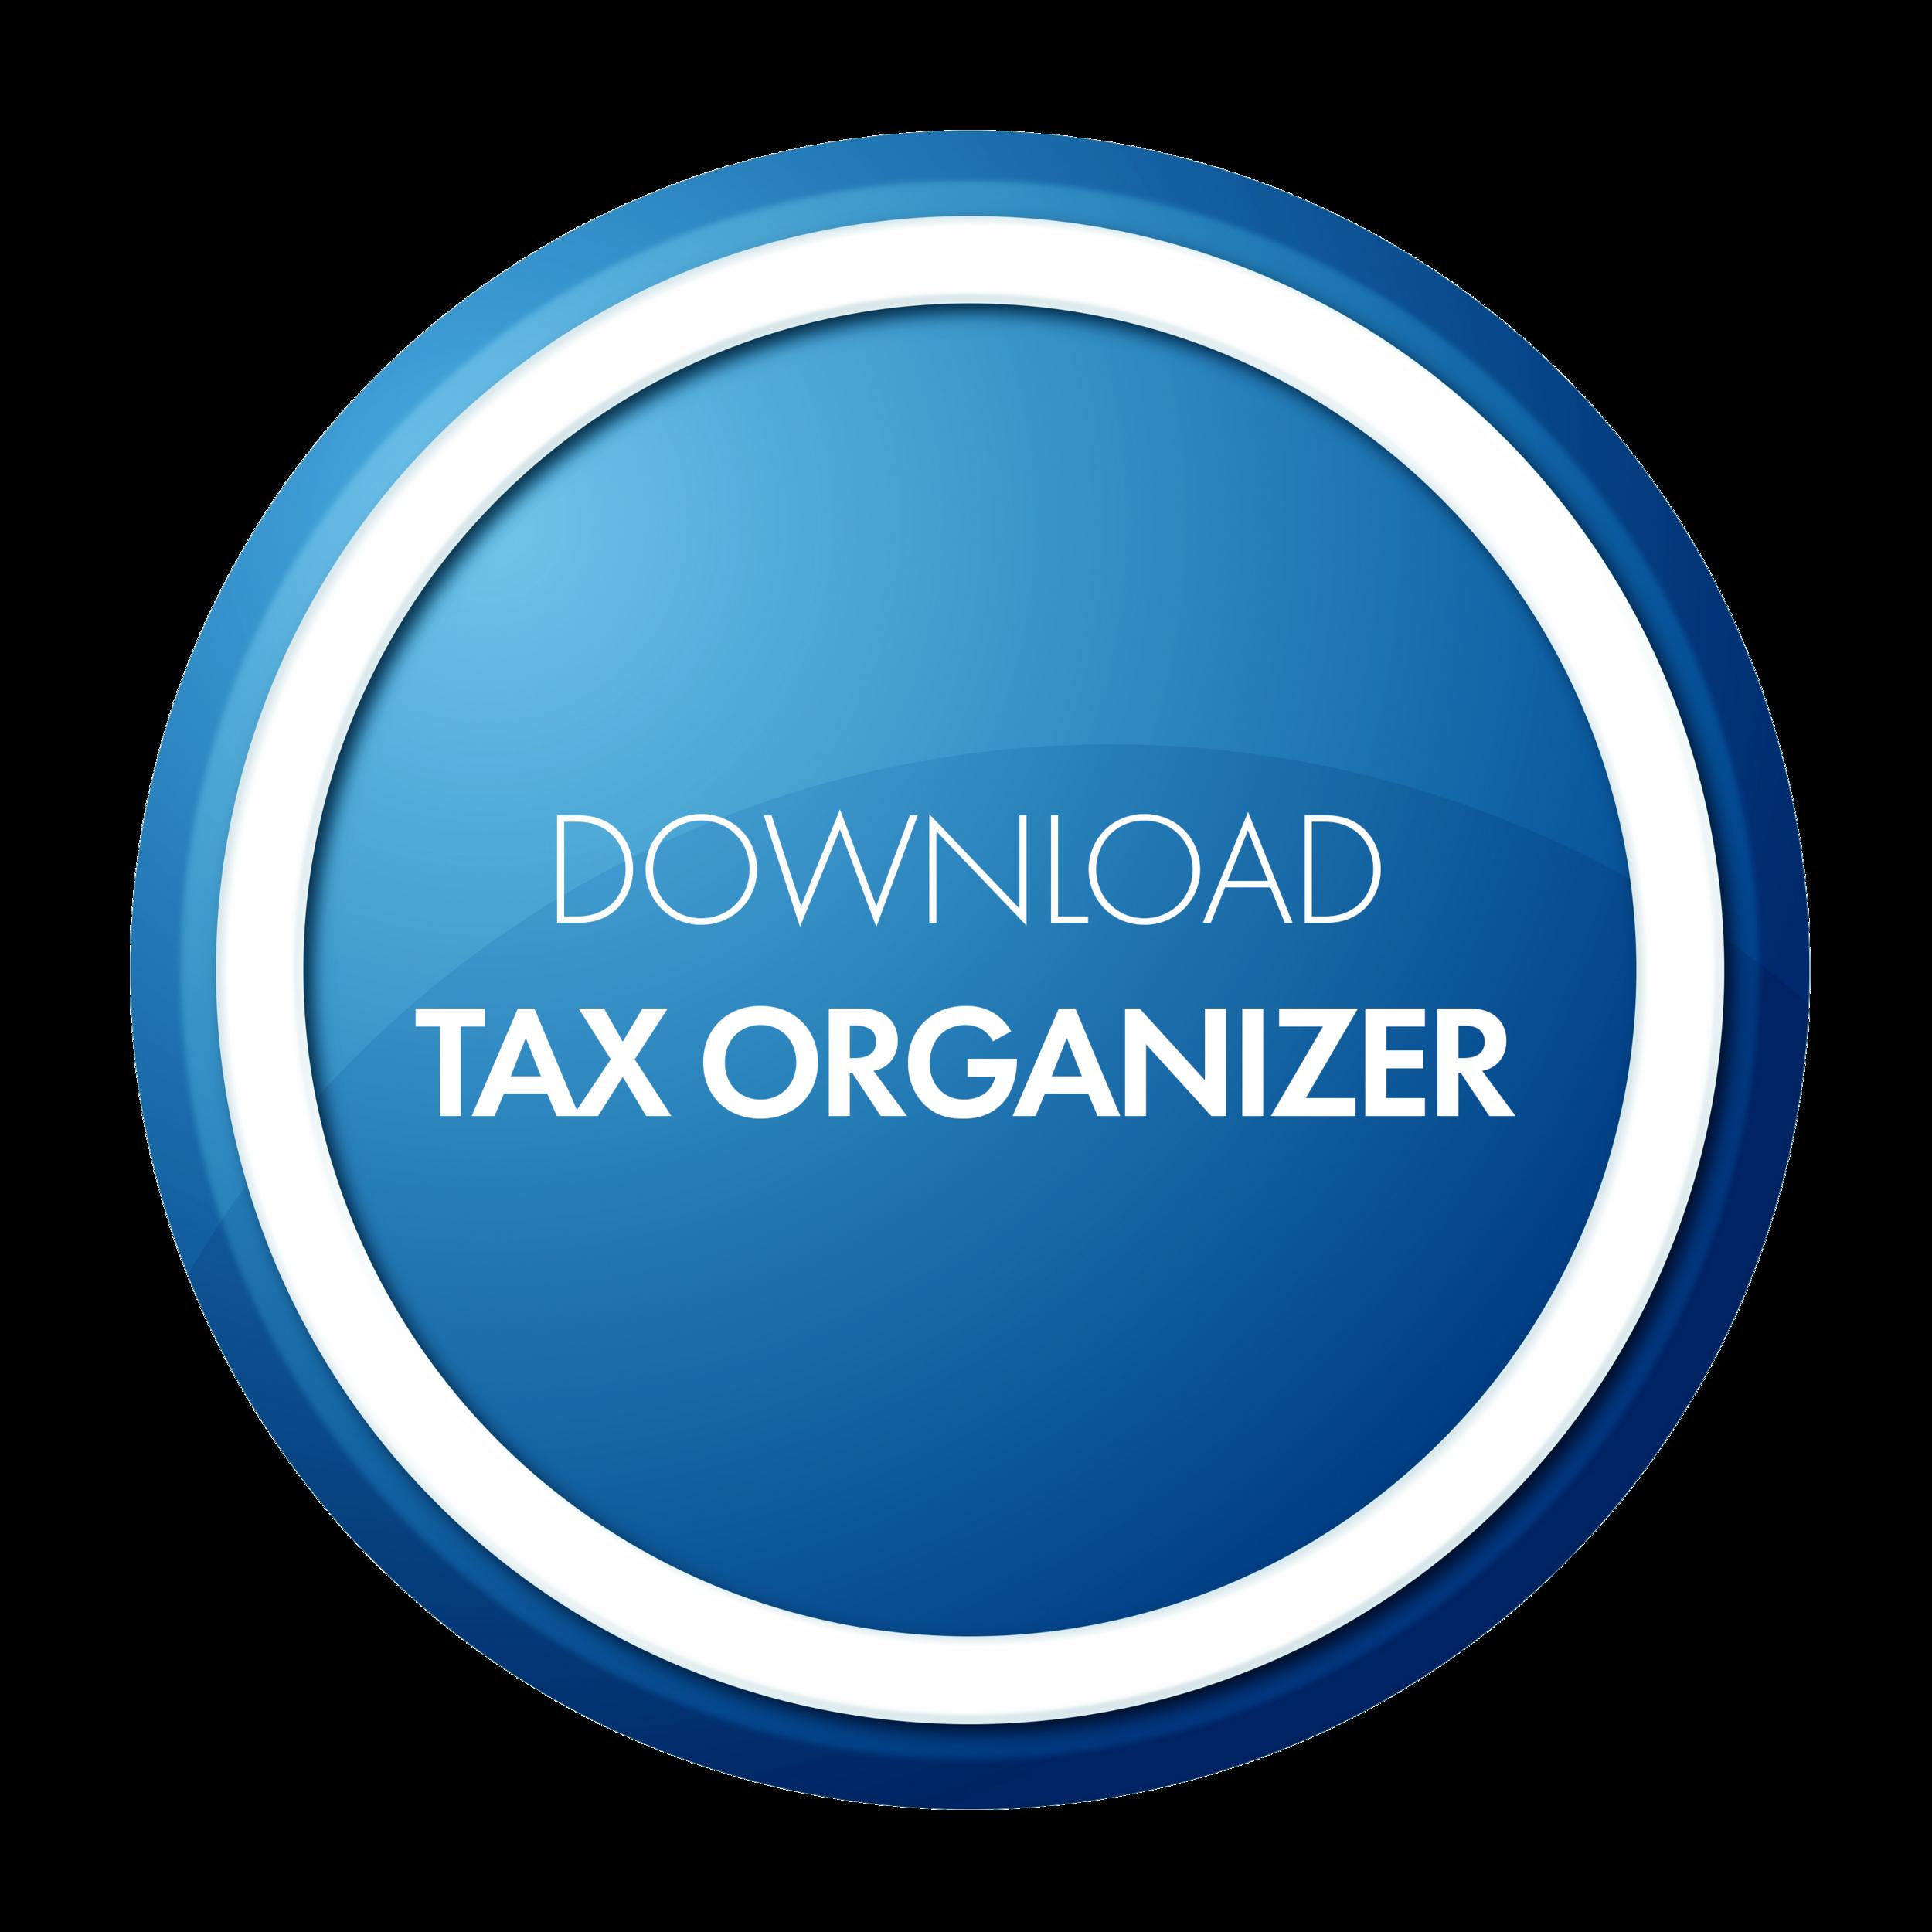 Download Tax organizer